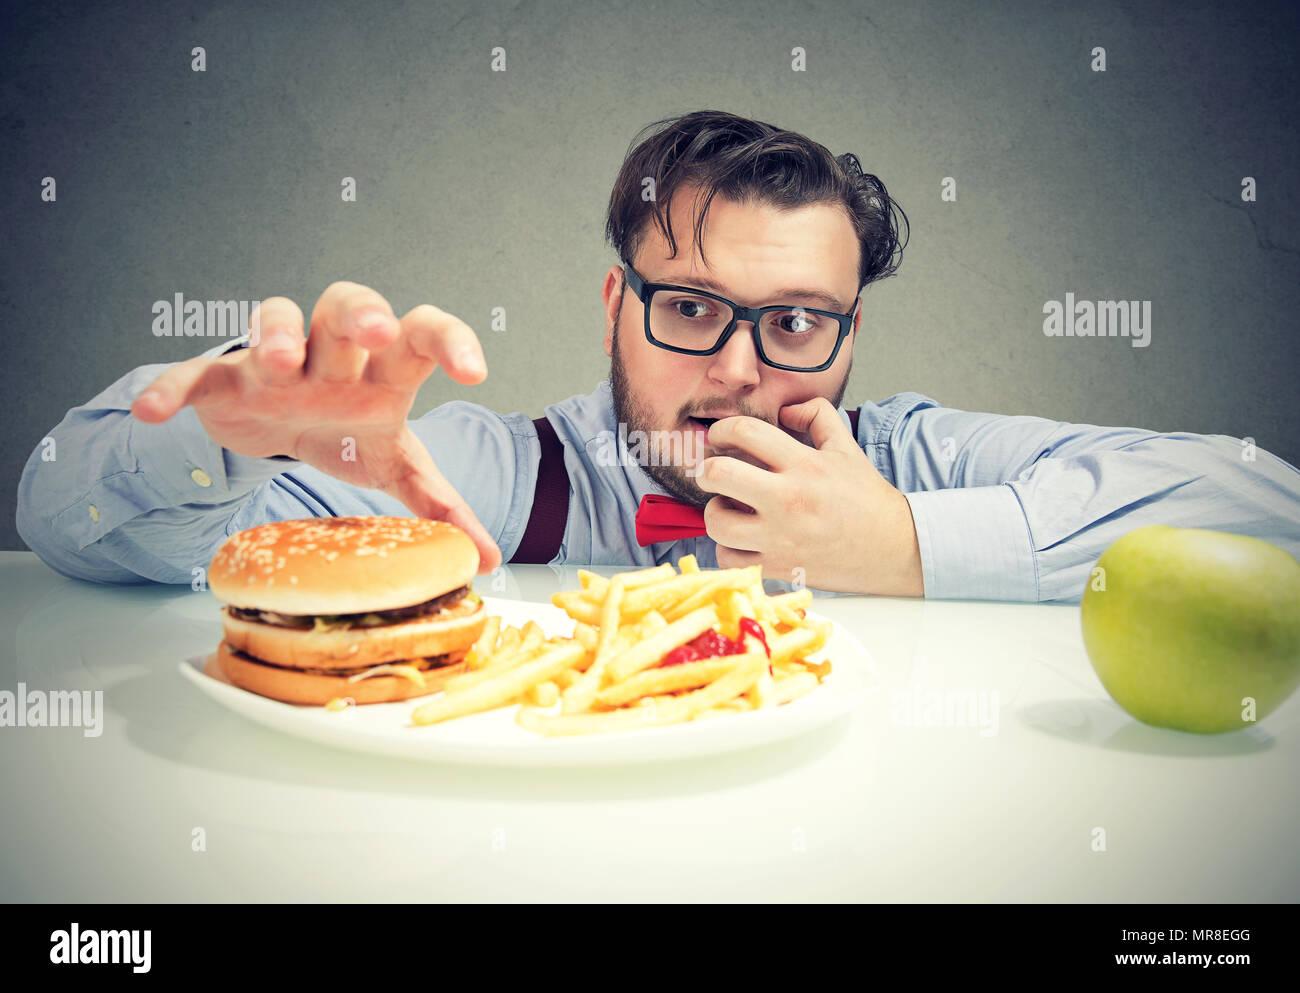 Junge Mann in Gläser, die cravings für Cheeseburger mit Pommes anstelle von gesunden grünen Apfel. Stockbild